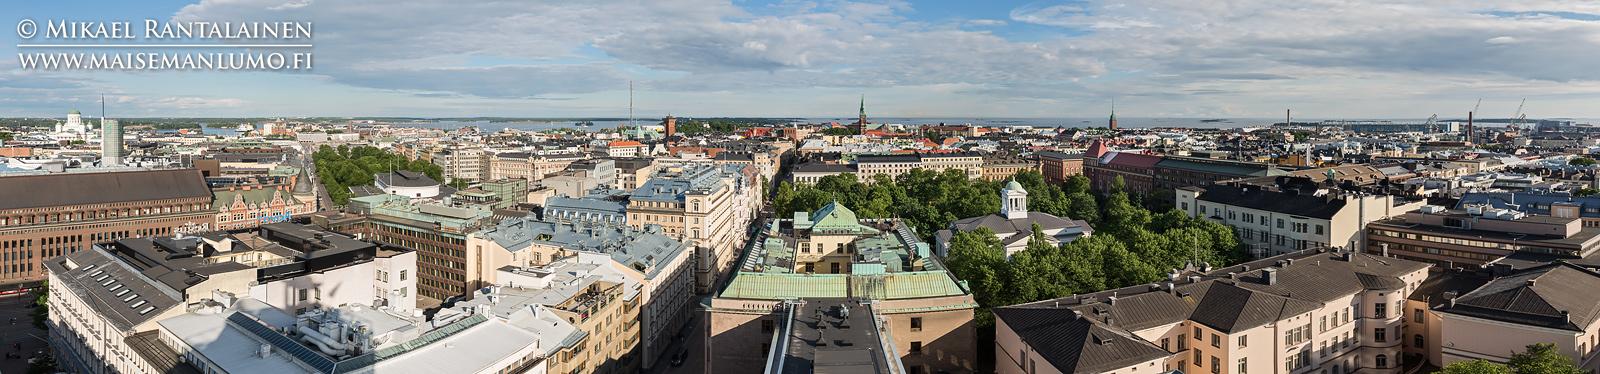 Panoraama Hotelli Tornista, Helsinki (HP146)